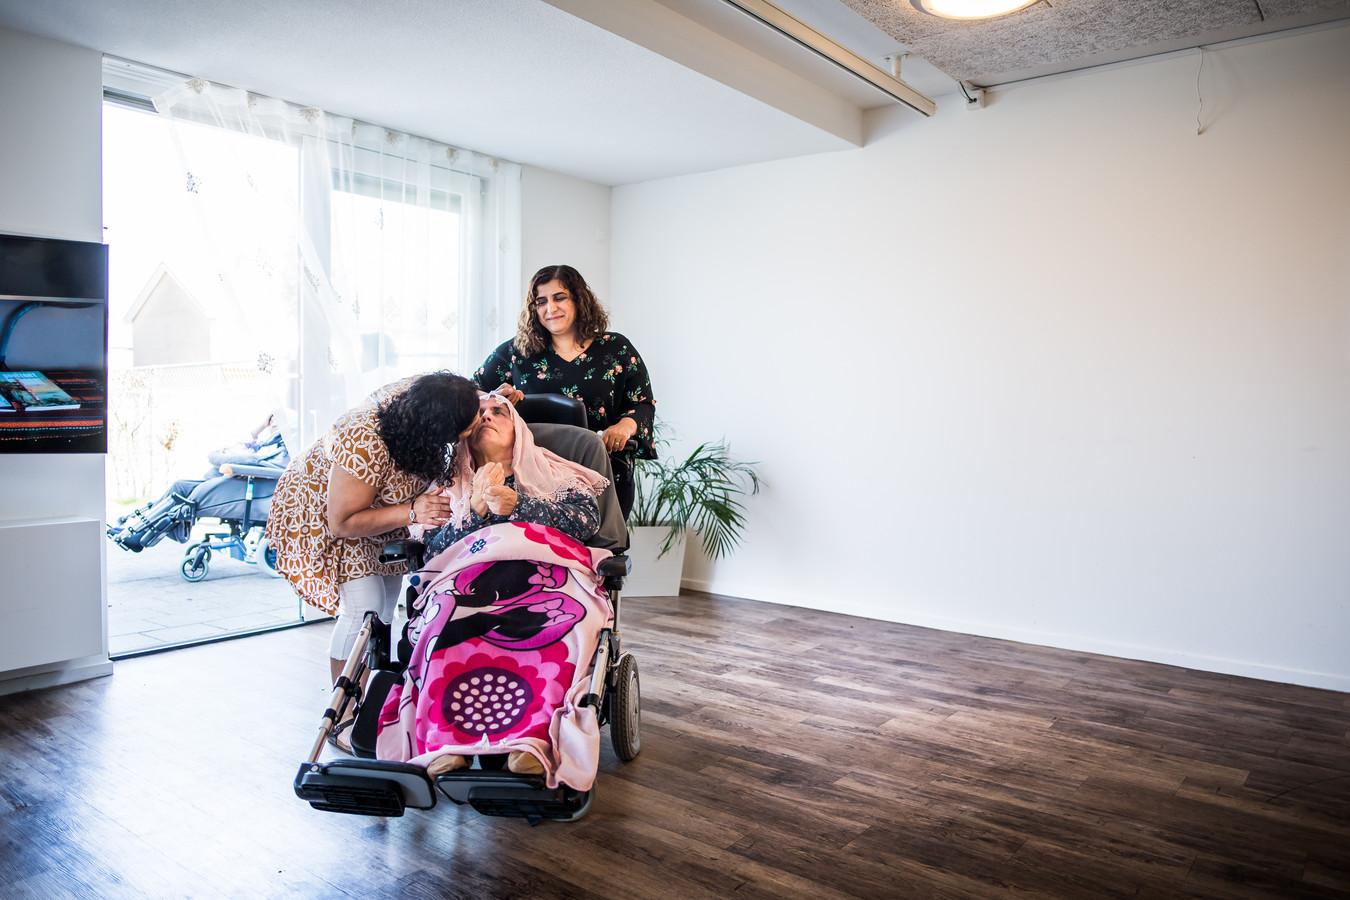 Solmaz Yildiz knuffelt haar moeder, terwijl Zahide Guneri de rolstoel voortduwt.